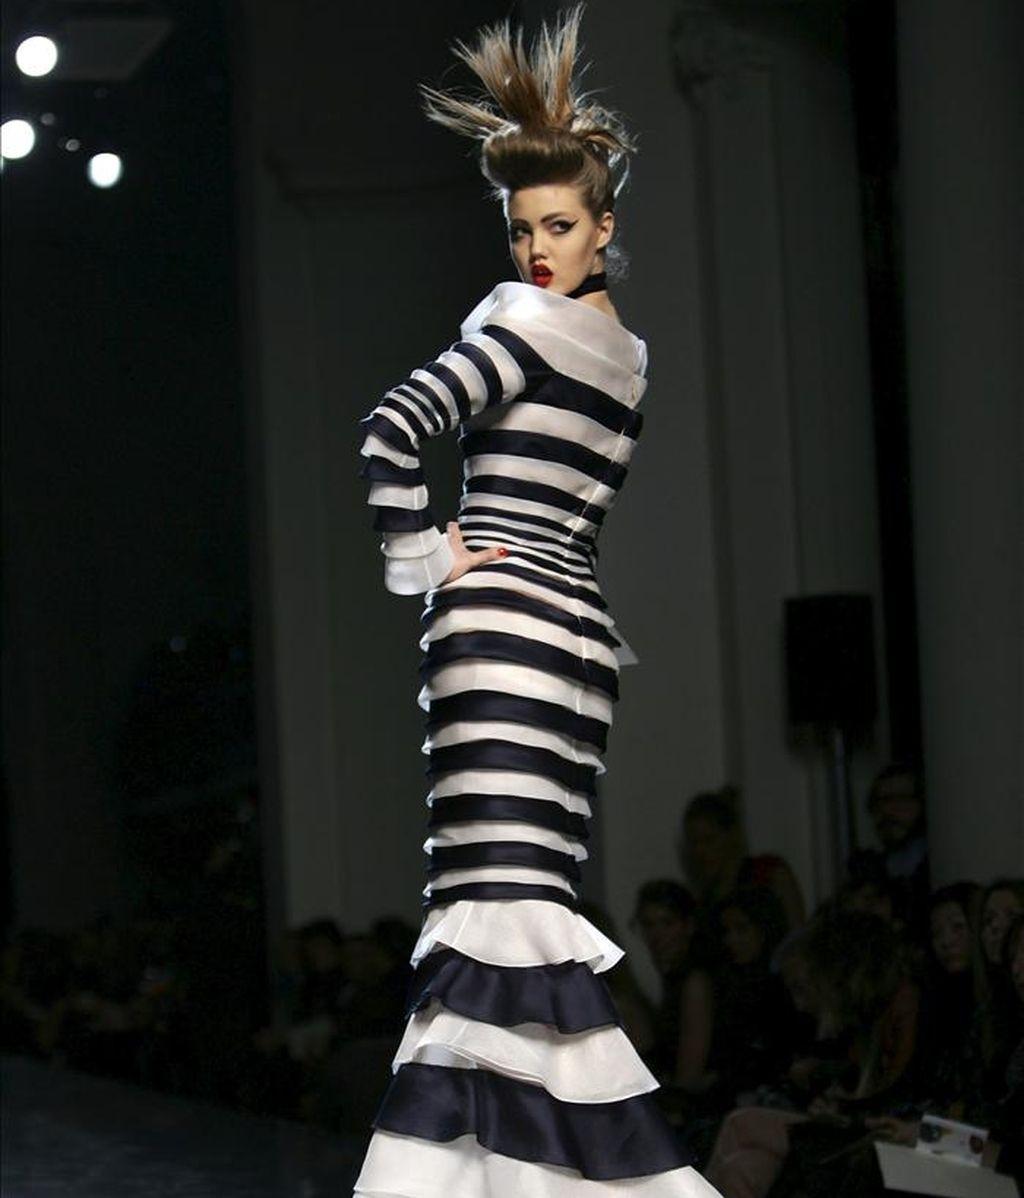 Una modelo desfilando con una creación primavera-verano 2011 del diseñador francés Jean Paul Gaultier durante la Semana de la Alta Costura de París el pasado enero. EFE